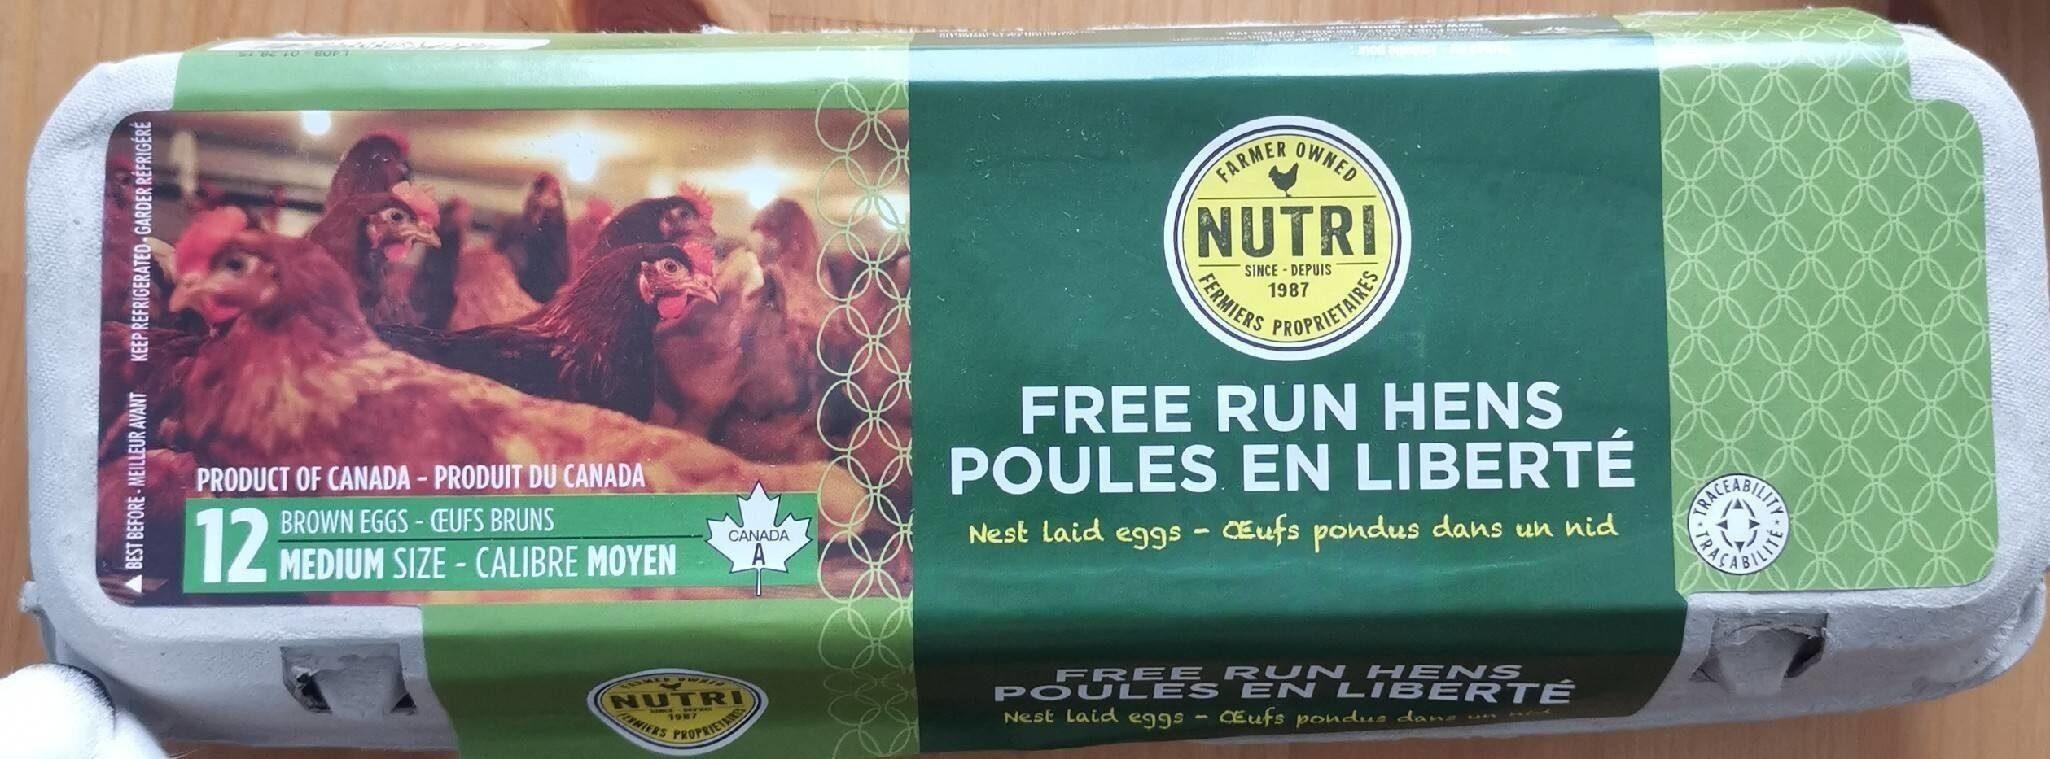 Poules en liberté - Product - fr